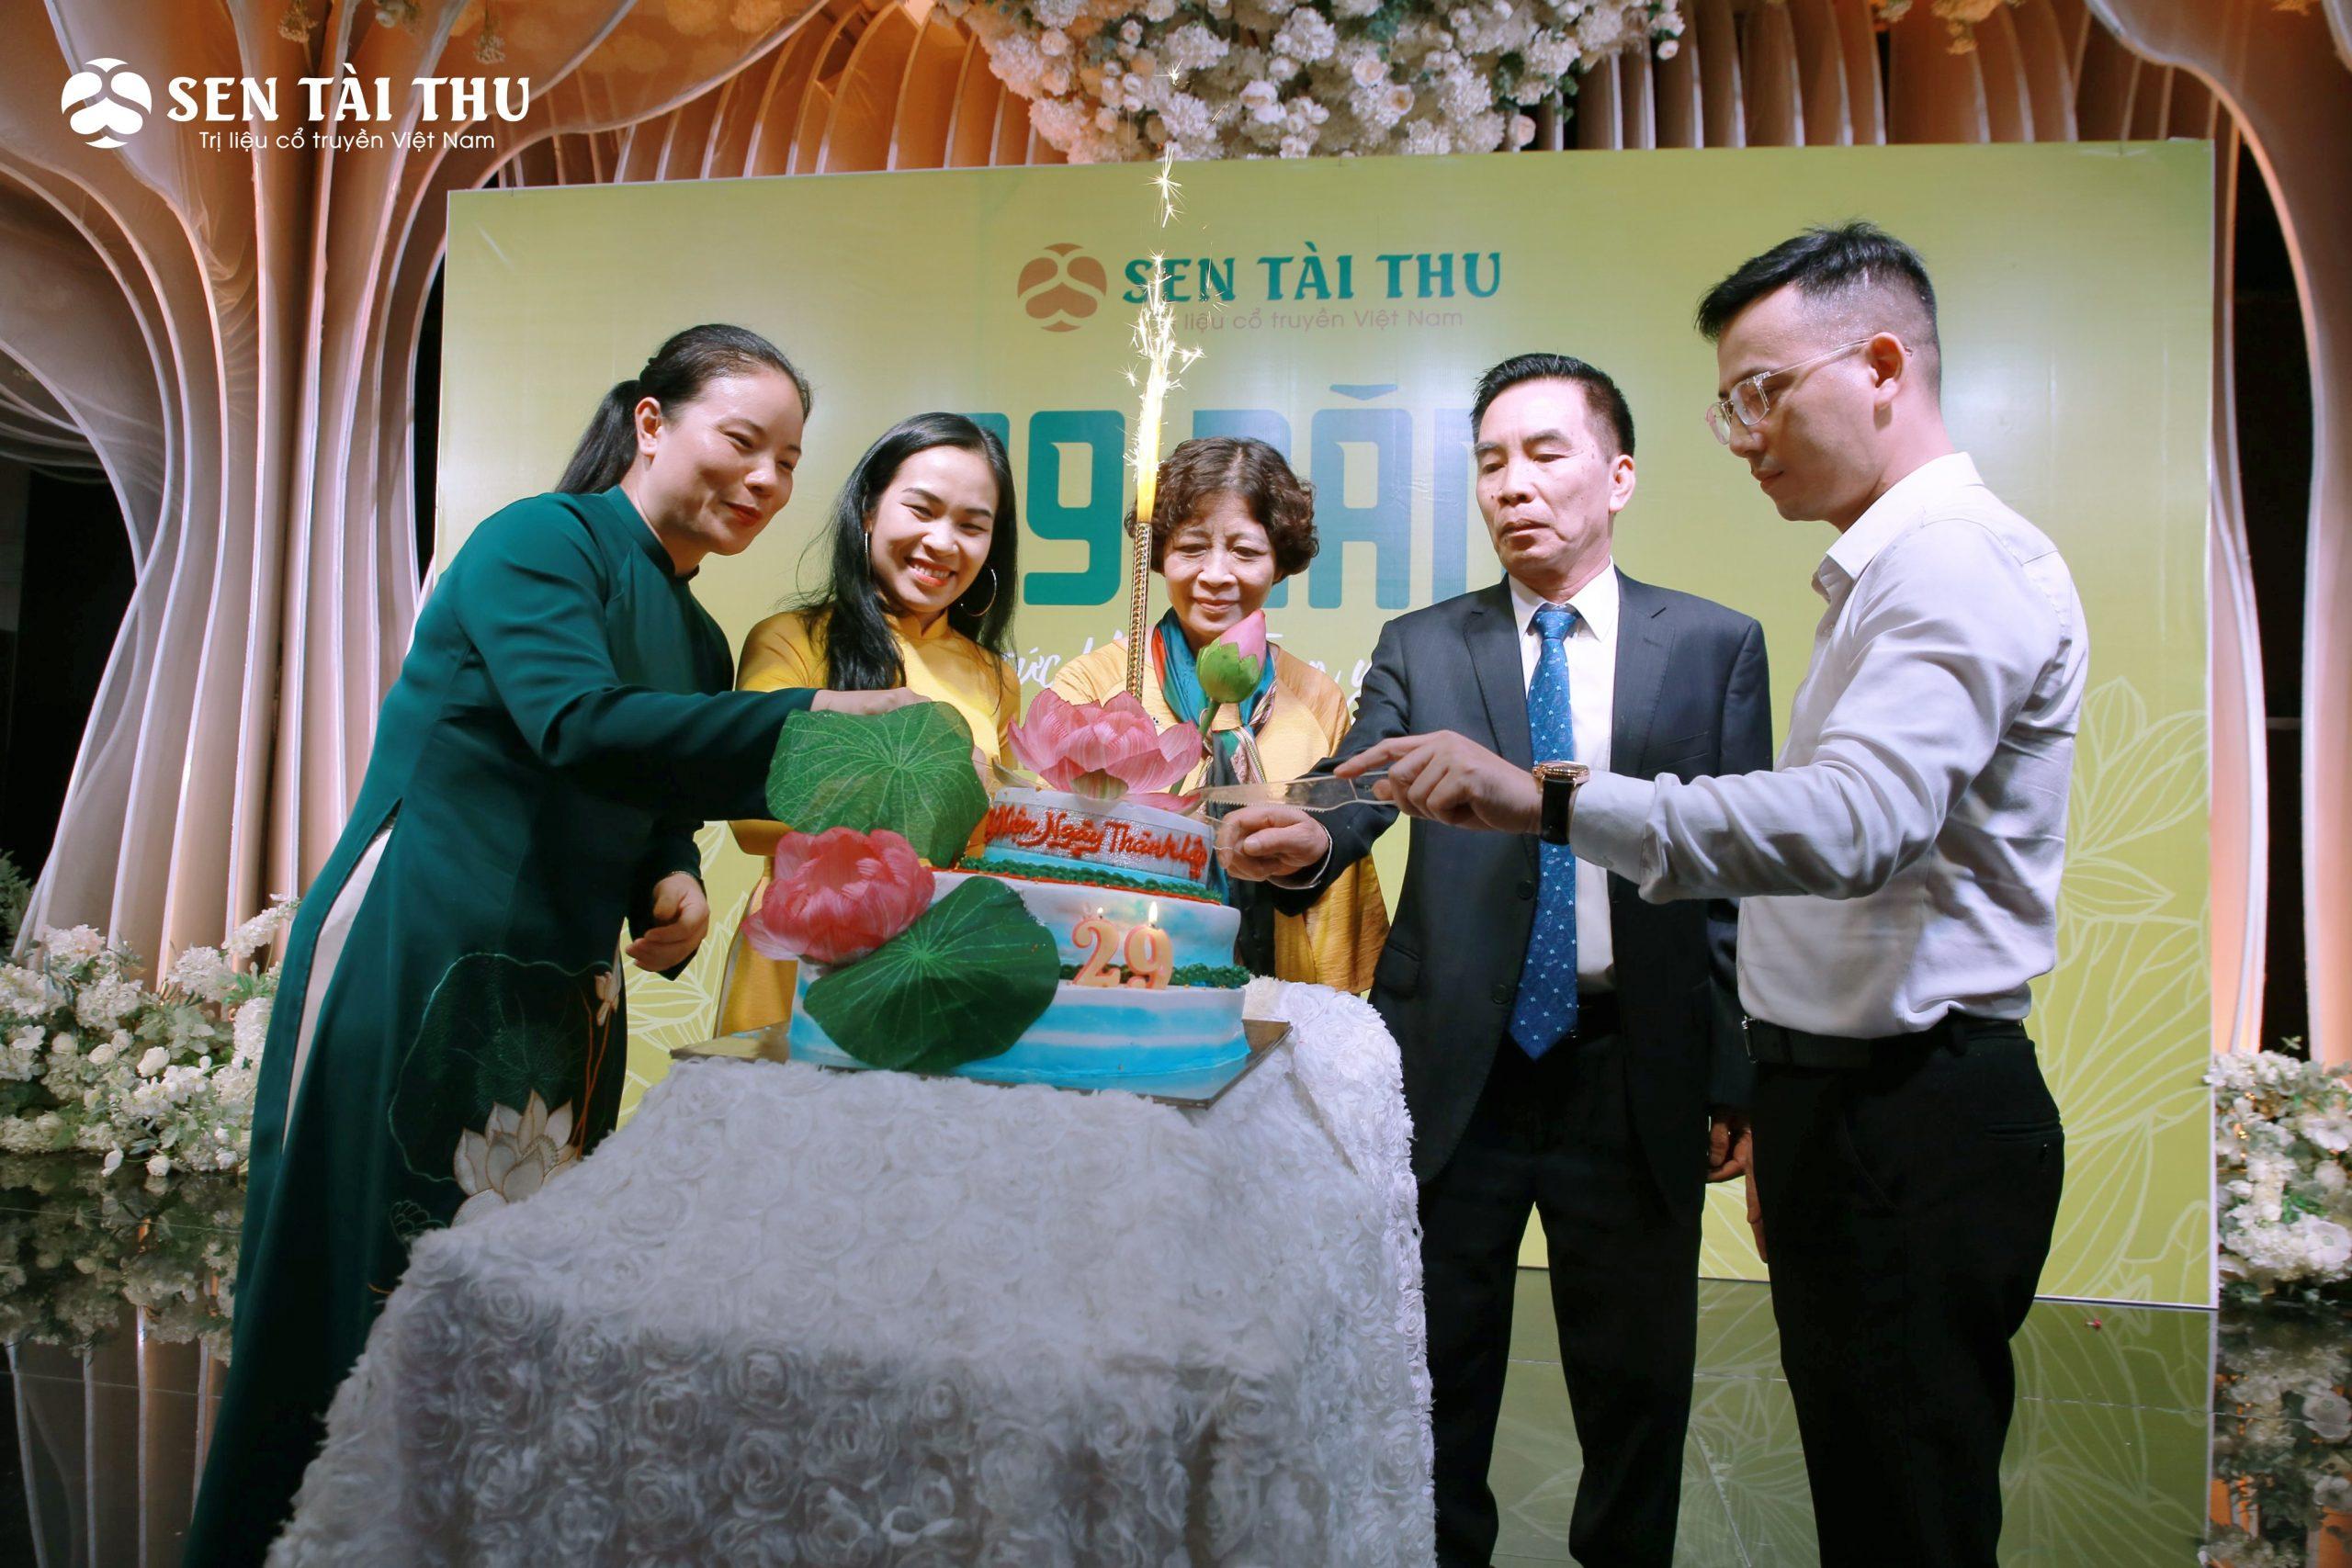 Tập Đoàn Sen Tài Thu Việt Nam - Hành trình 29 năm - 1